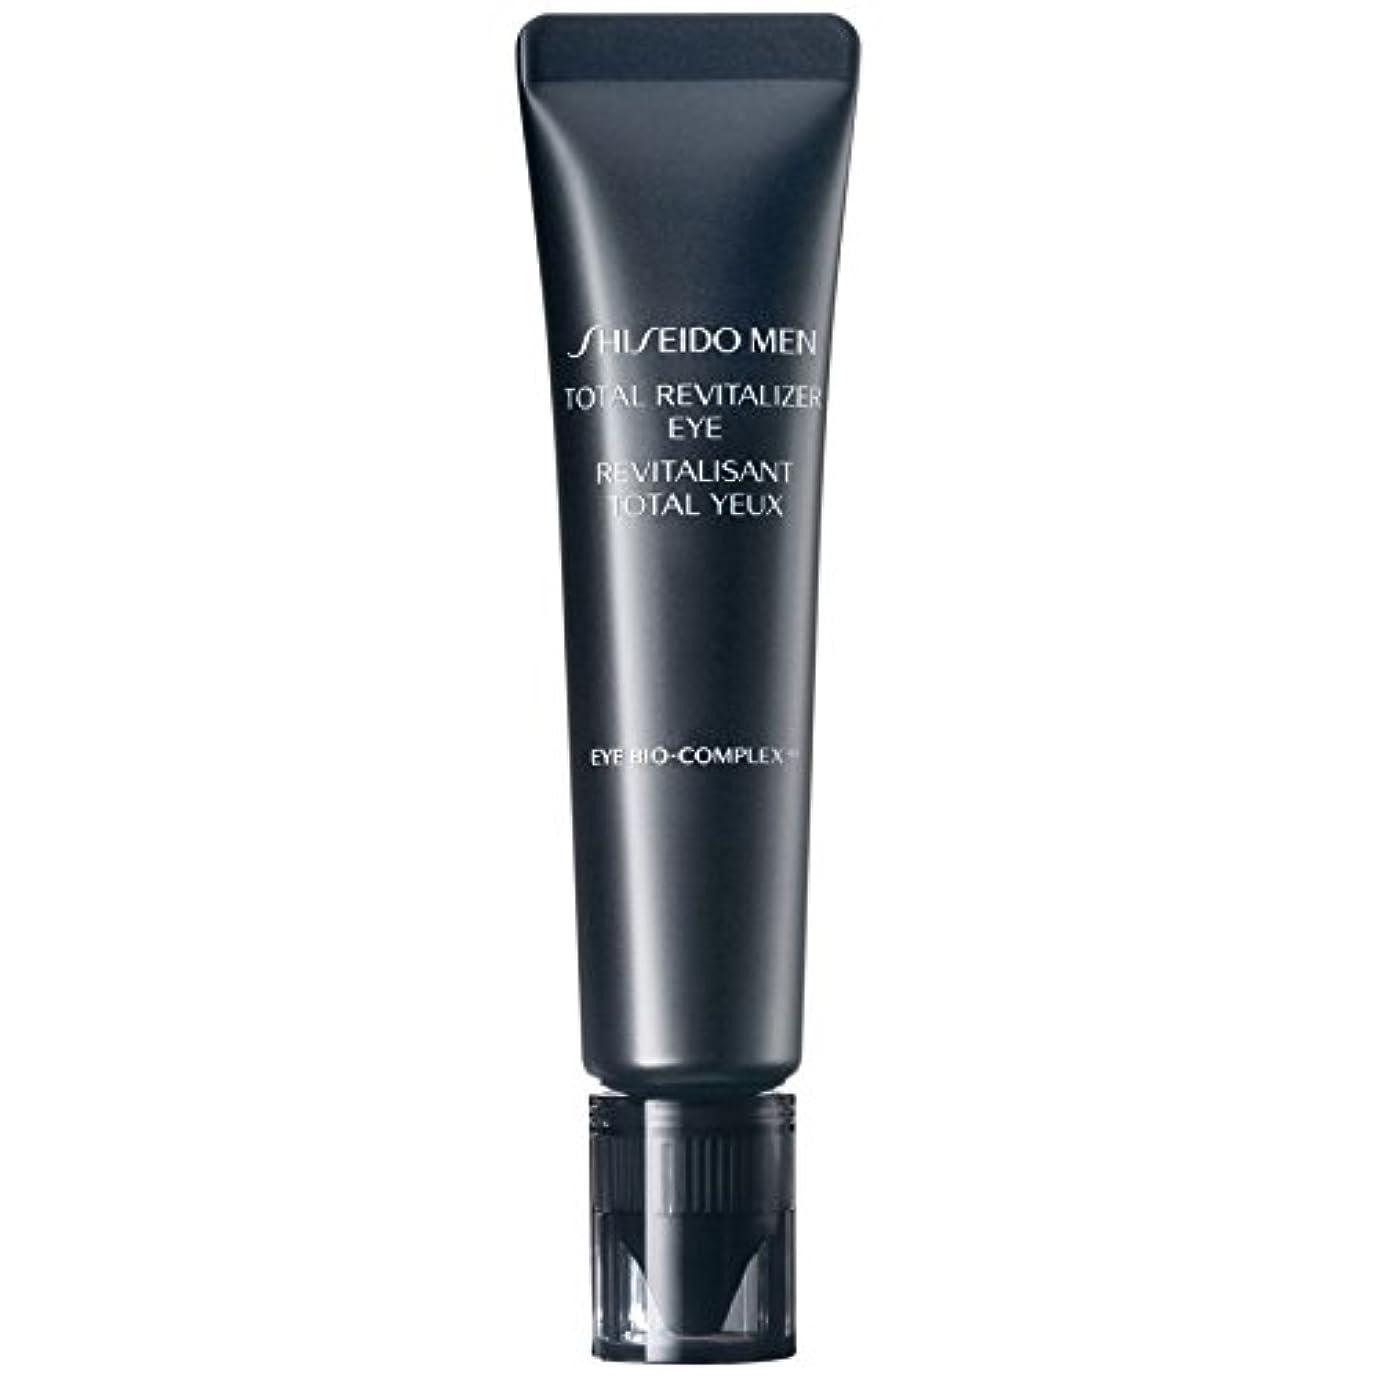 医療過誤コード夫婦[Shiseido] 資生堂の男性は滋養強壮、アイクリーム15ミリリットル合計します - Shiseido Men Total Revitalizer Eye Cream 15ml [並行輸入品]